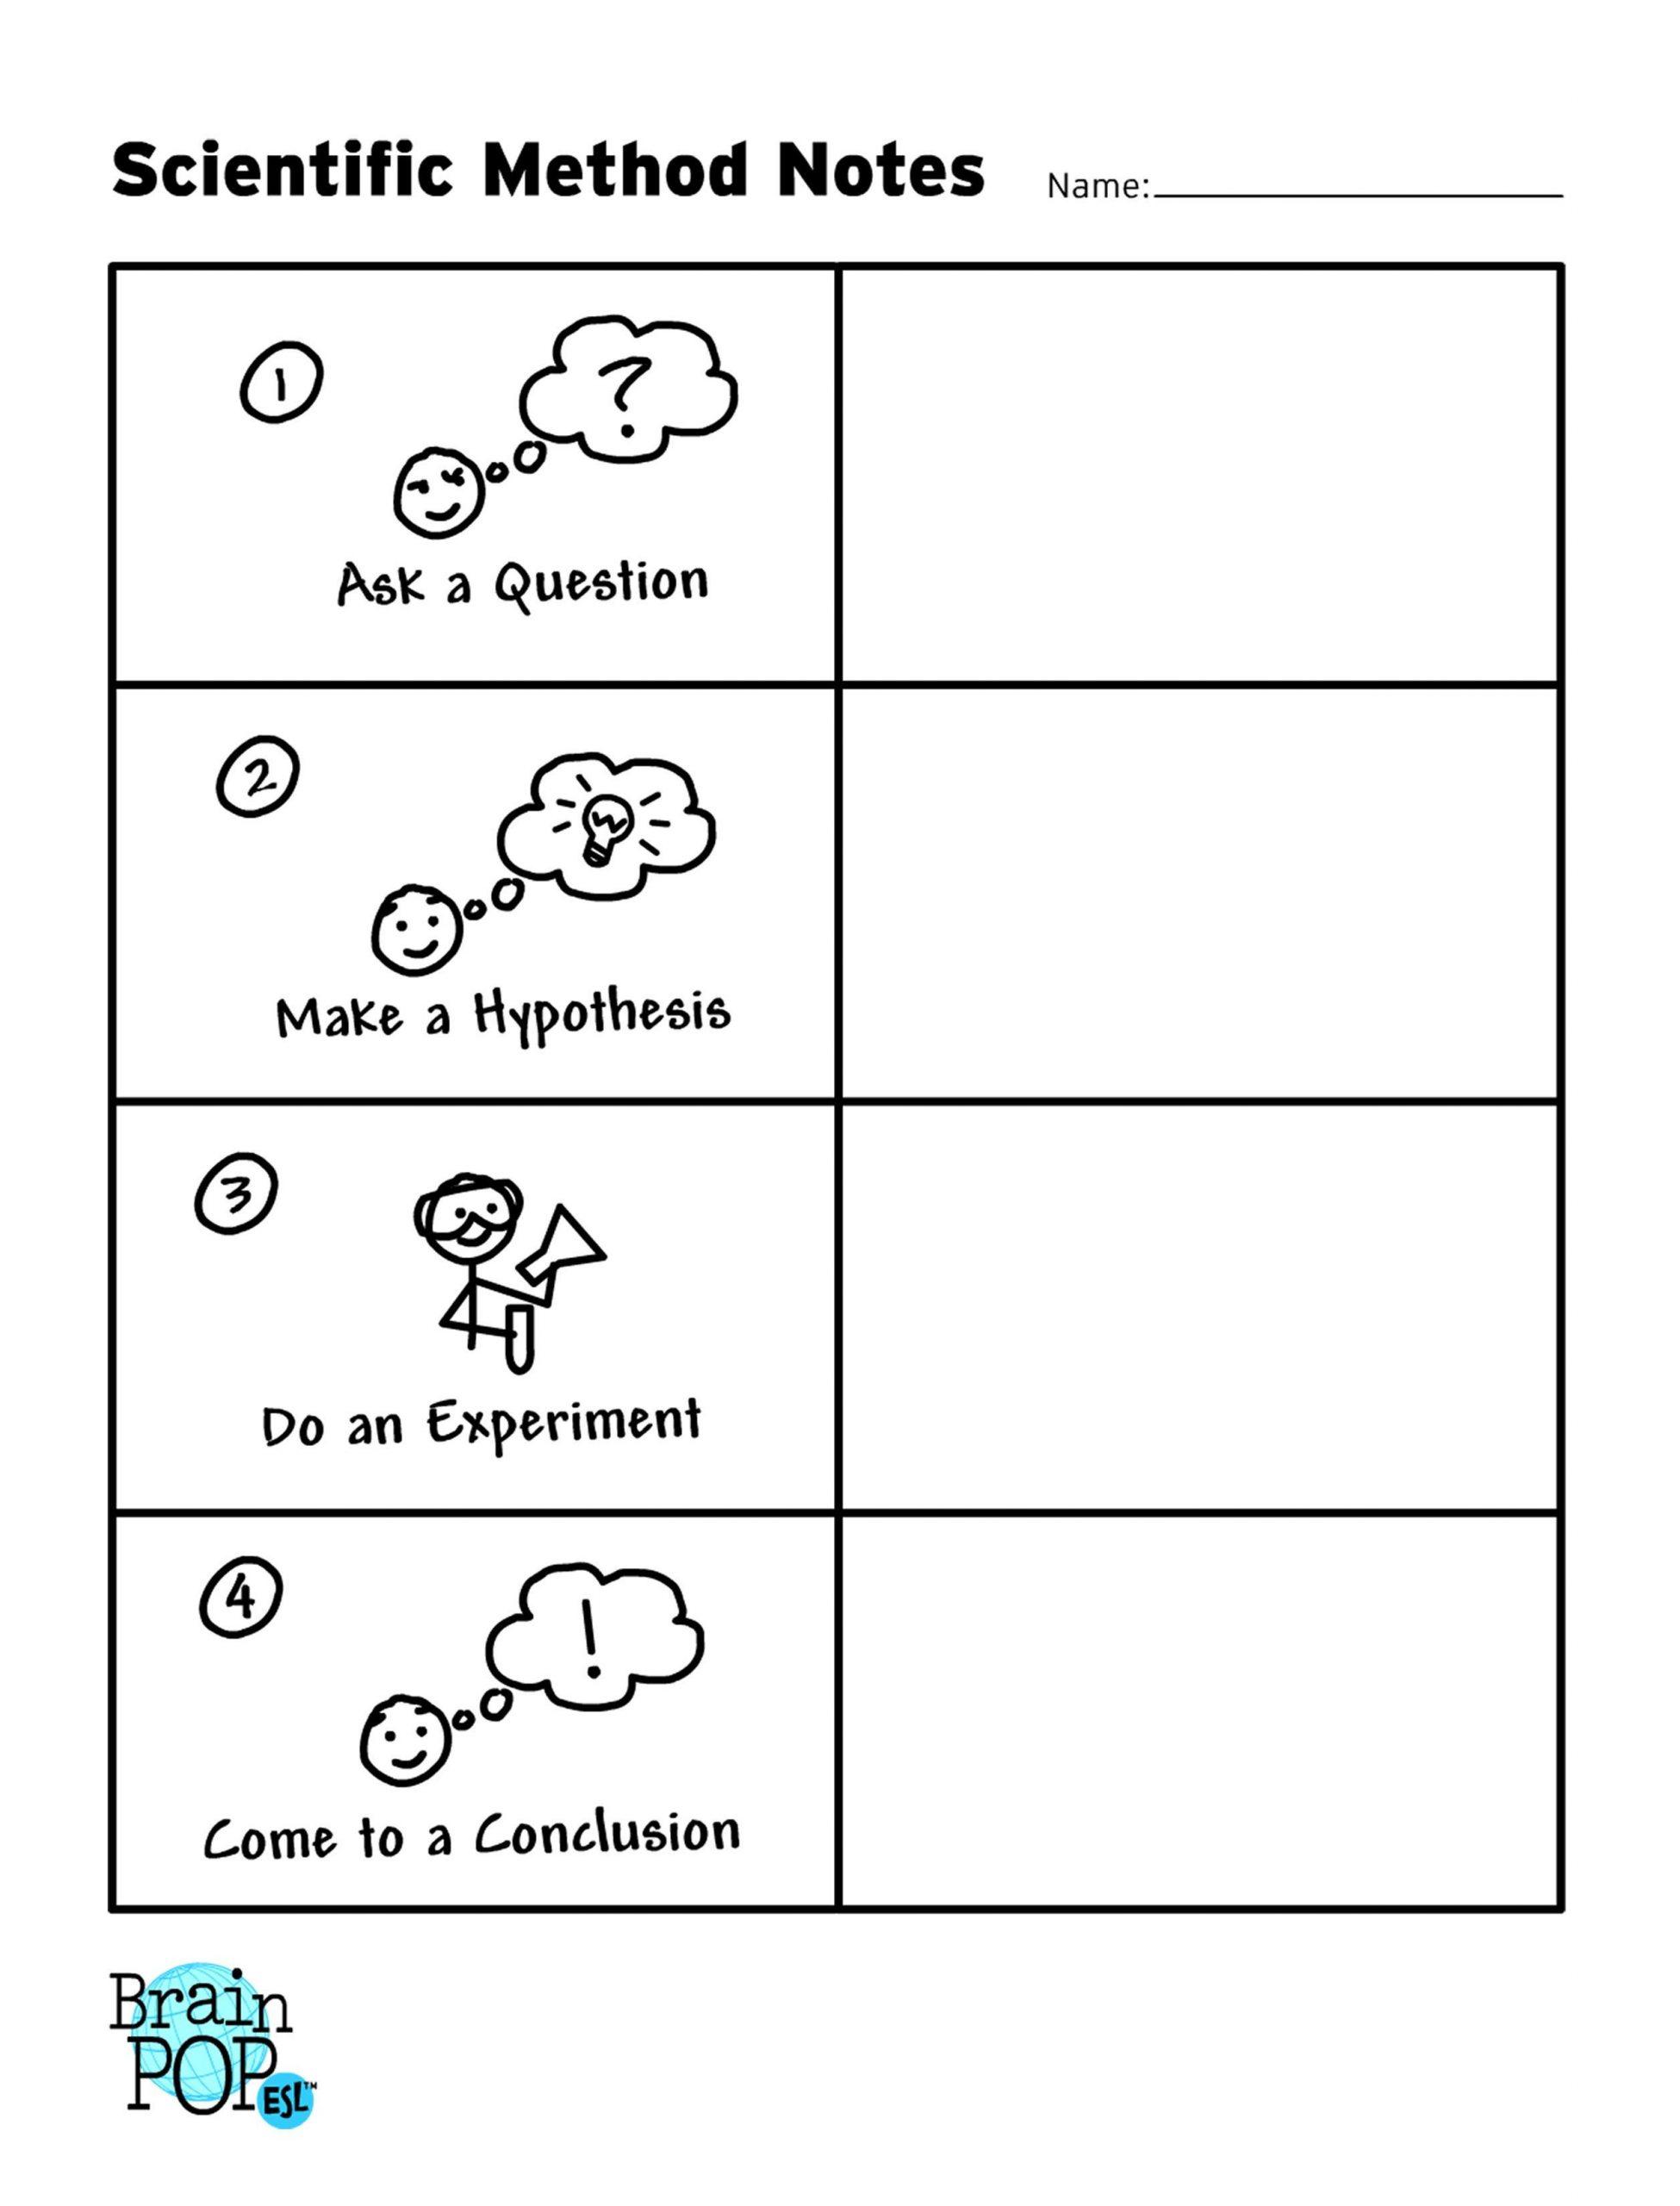 Scientific Method Worksheet Answers Scientific Method Vocabulary Worksheet Answers Valid